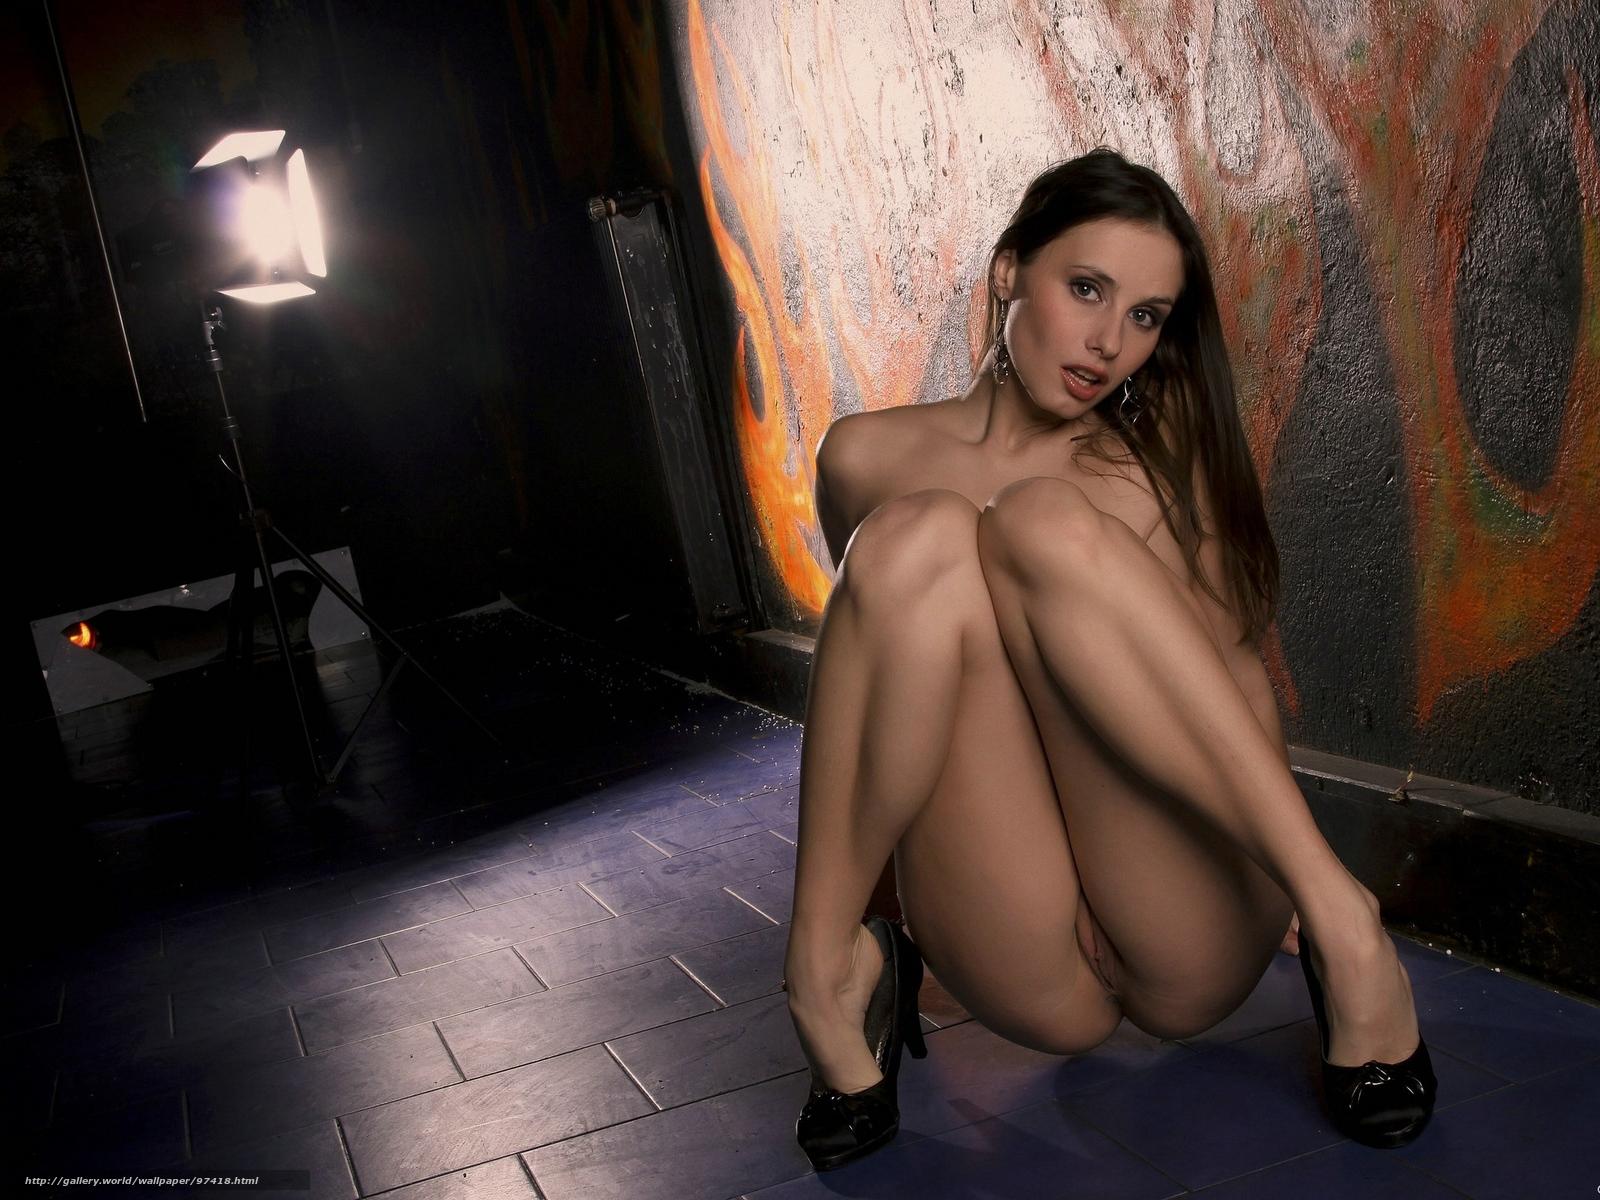 Эротические фото девушек с открытыми ротиками 15 фотография